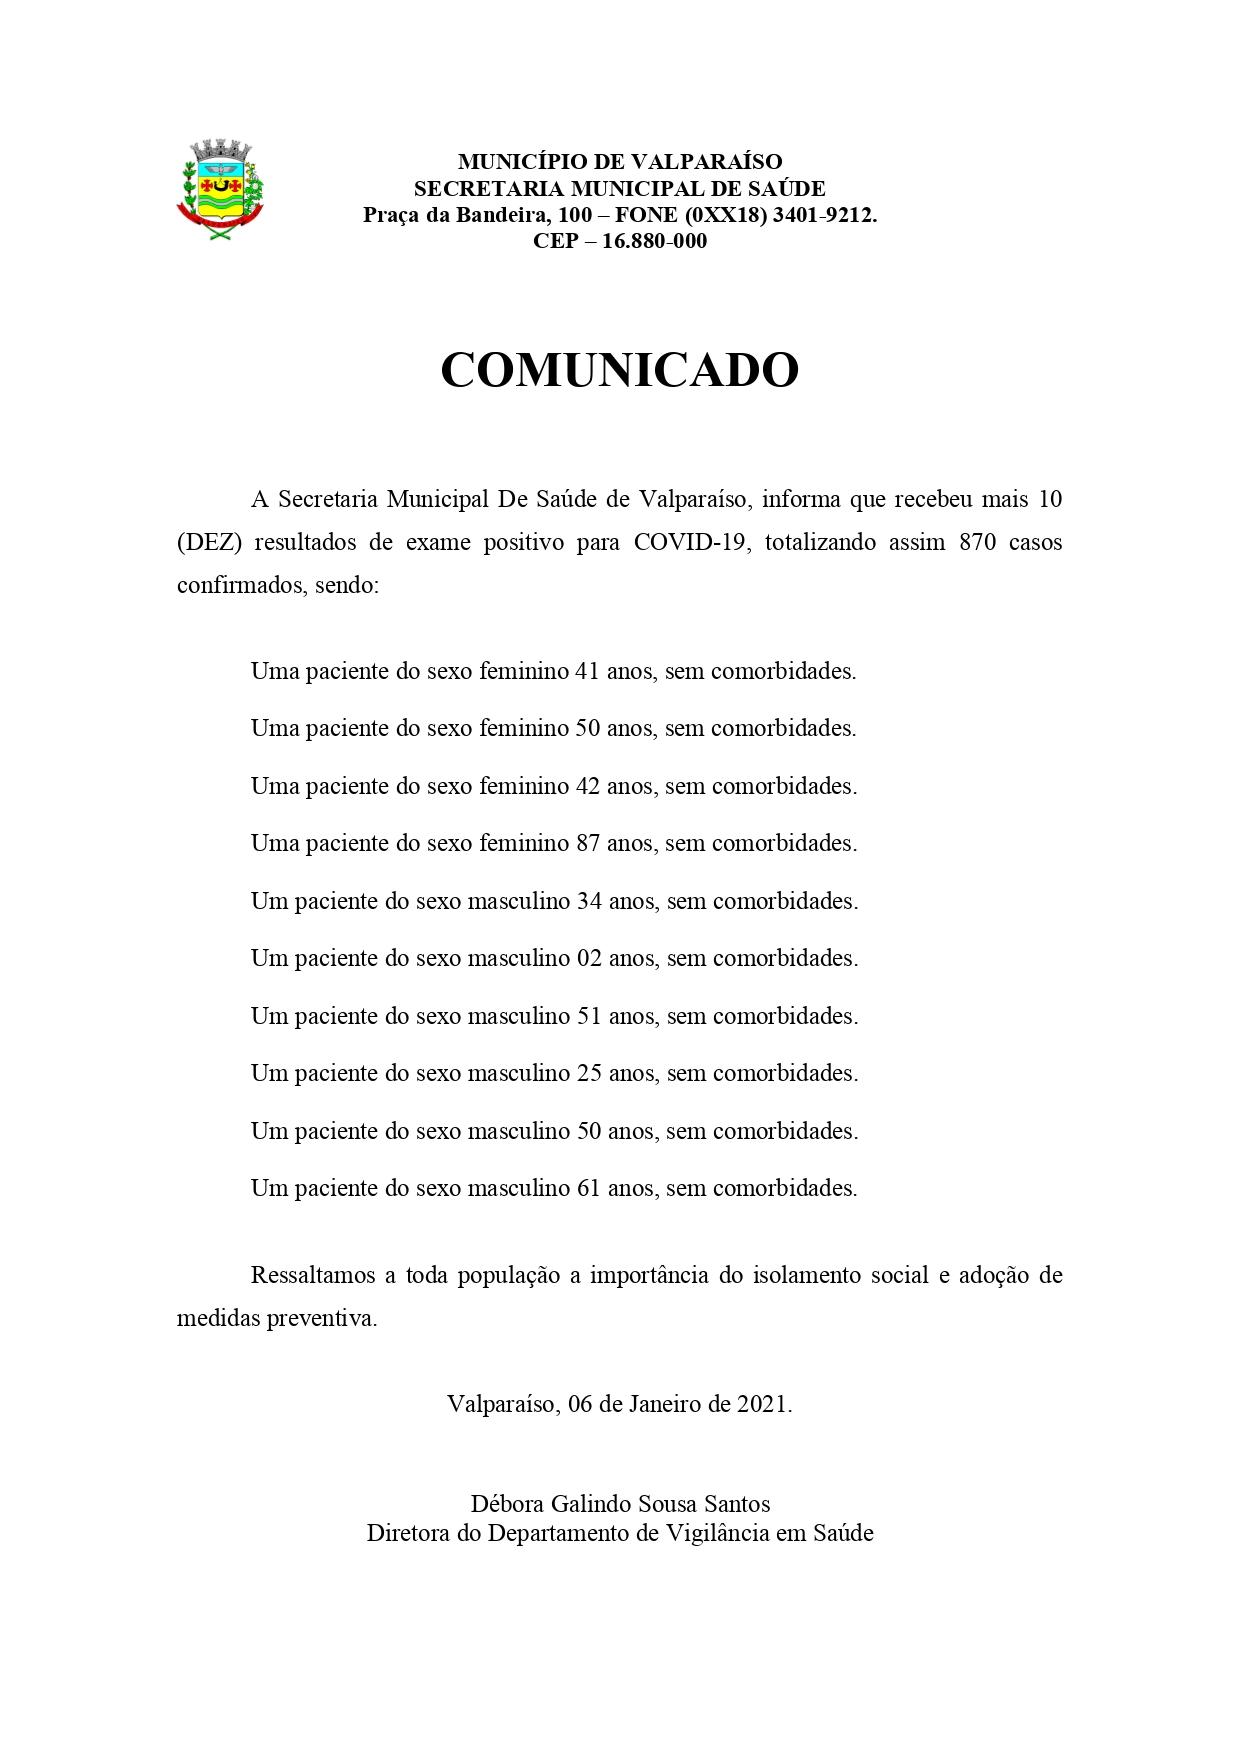 covid870